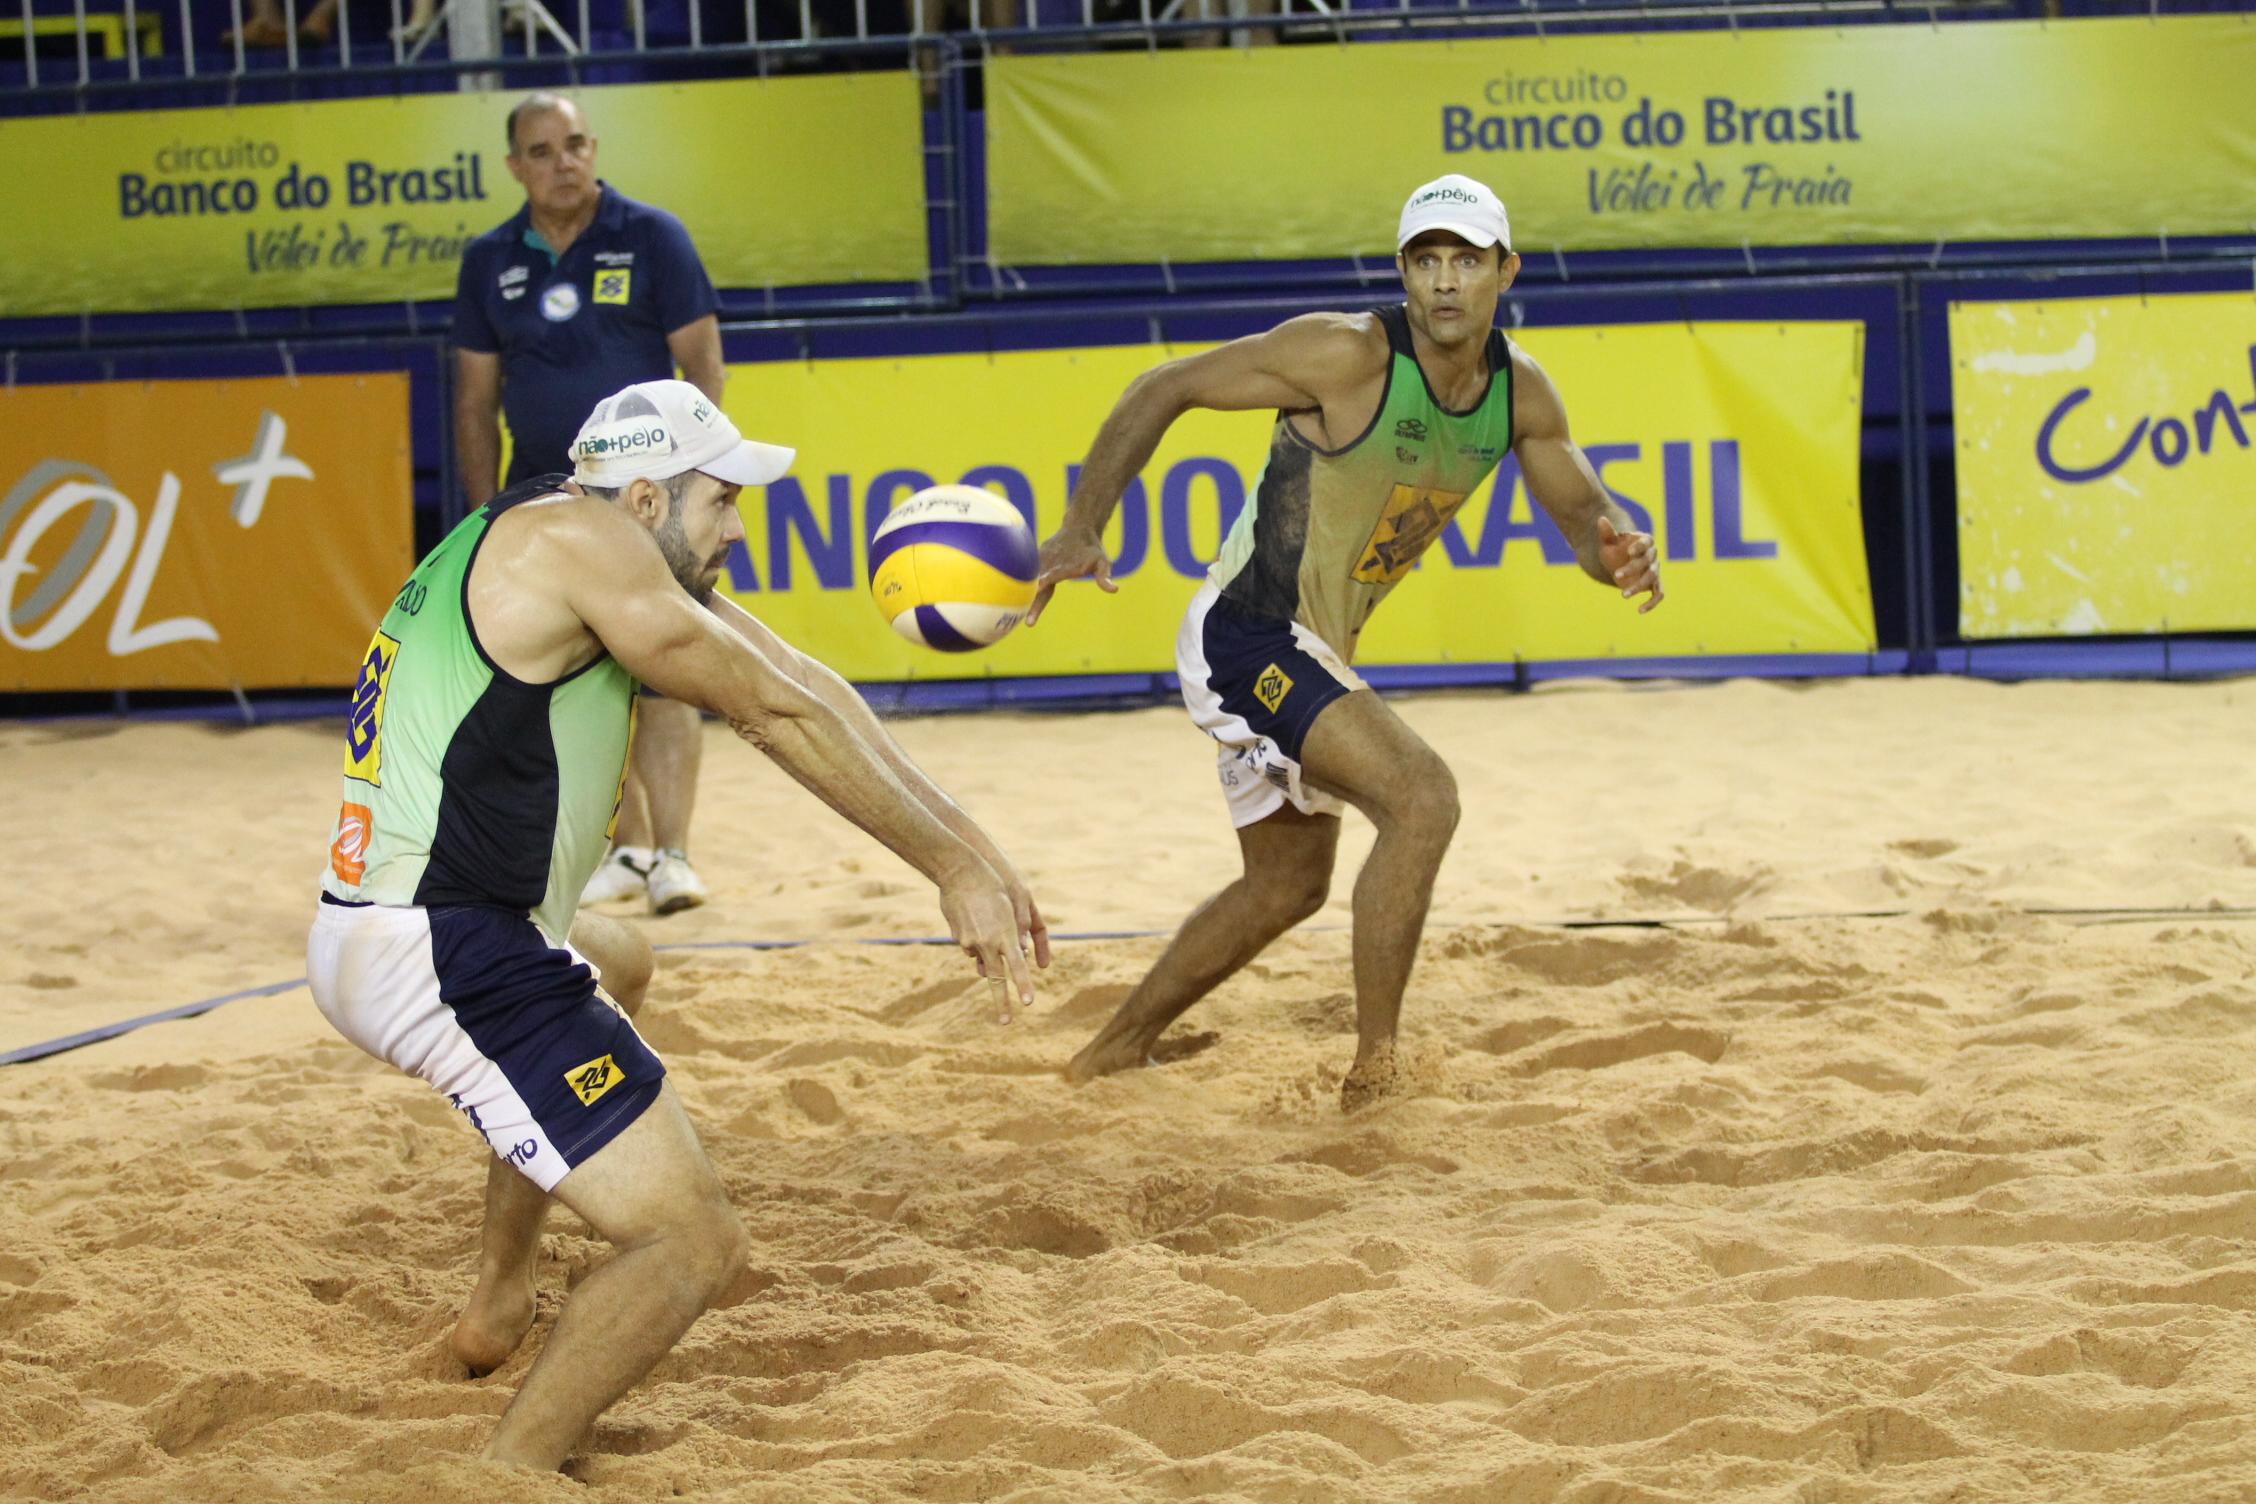 Circuito Banco Do Brasil : Cbv campinas sp circuito banco do brasil open